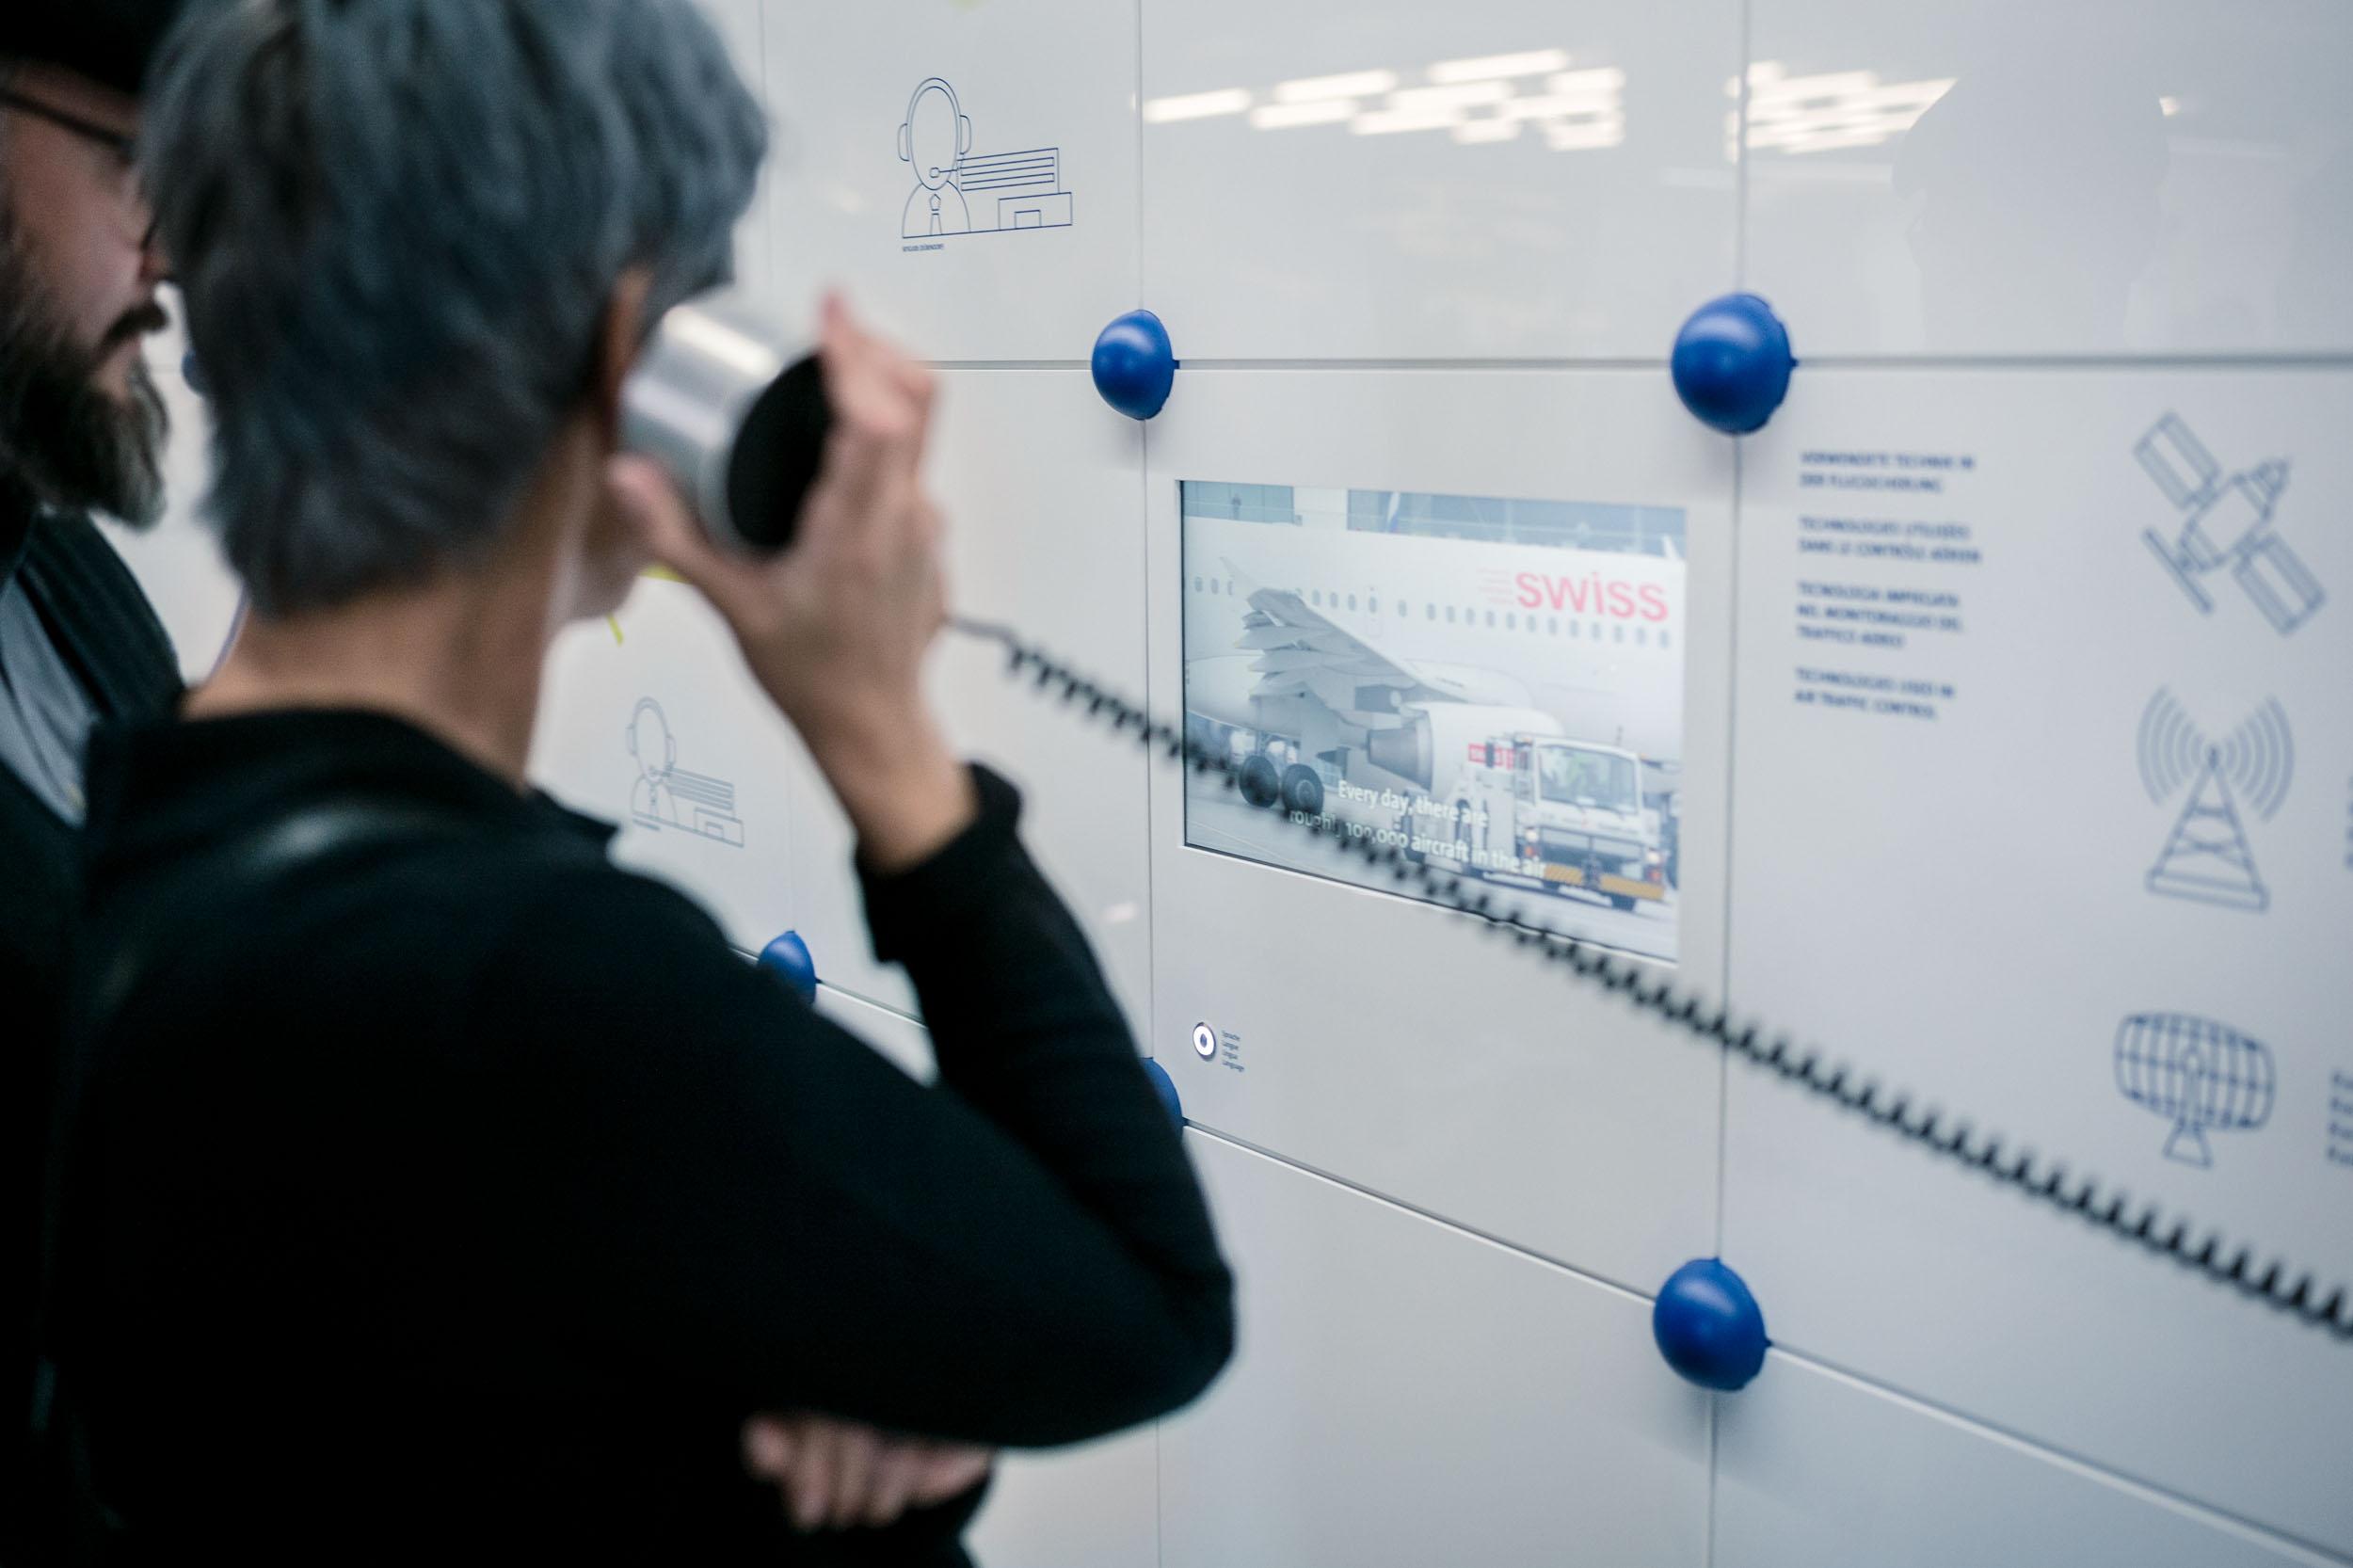 Verkehrshaus der Schweiz    In der Themeninsel im Verkehrshaus können Besucher spielerisch in die Welt der Flugsicherung eintauchen. Auf einer interaktiven Bodenprojektion wird man zu virtuellen Flugverkehrsleiterin / -leiter und kann durch die eigenen Bewegungen sein Flugzeug zu seinem Zielflughafen steuern. Auf ein grossflächiges 3D-Relief wird der Live-Flugverkehr und erklärende Inhalte projiziert. Anhand des Fluges von Zürich nach Genf wird im Detail erklärt, was alles aus Sicht der Flugsicherung passiert und was Skyguide dafür leistet.   2017   Exhibition   Client:  Skyguide and  Swiss Museum of Transport    Concept and Design:  Alltag    Construction: Aproto   Programming/Interaction:  Intolight    Technology:  Auviso    Image credit:  Alltag , Maurus Hofer   Video credit:  Drehtag